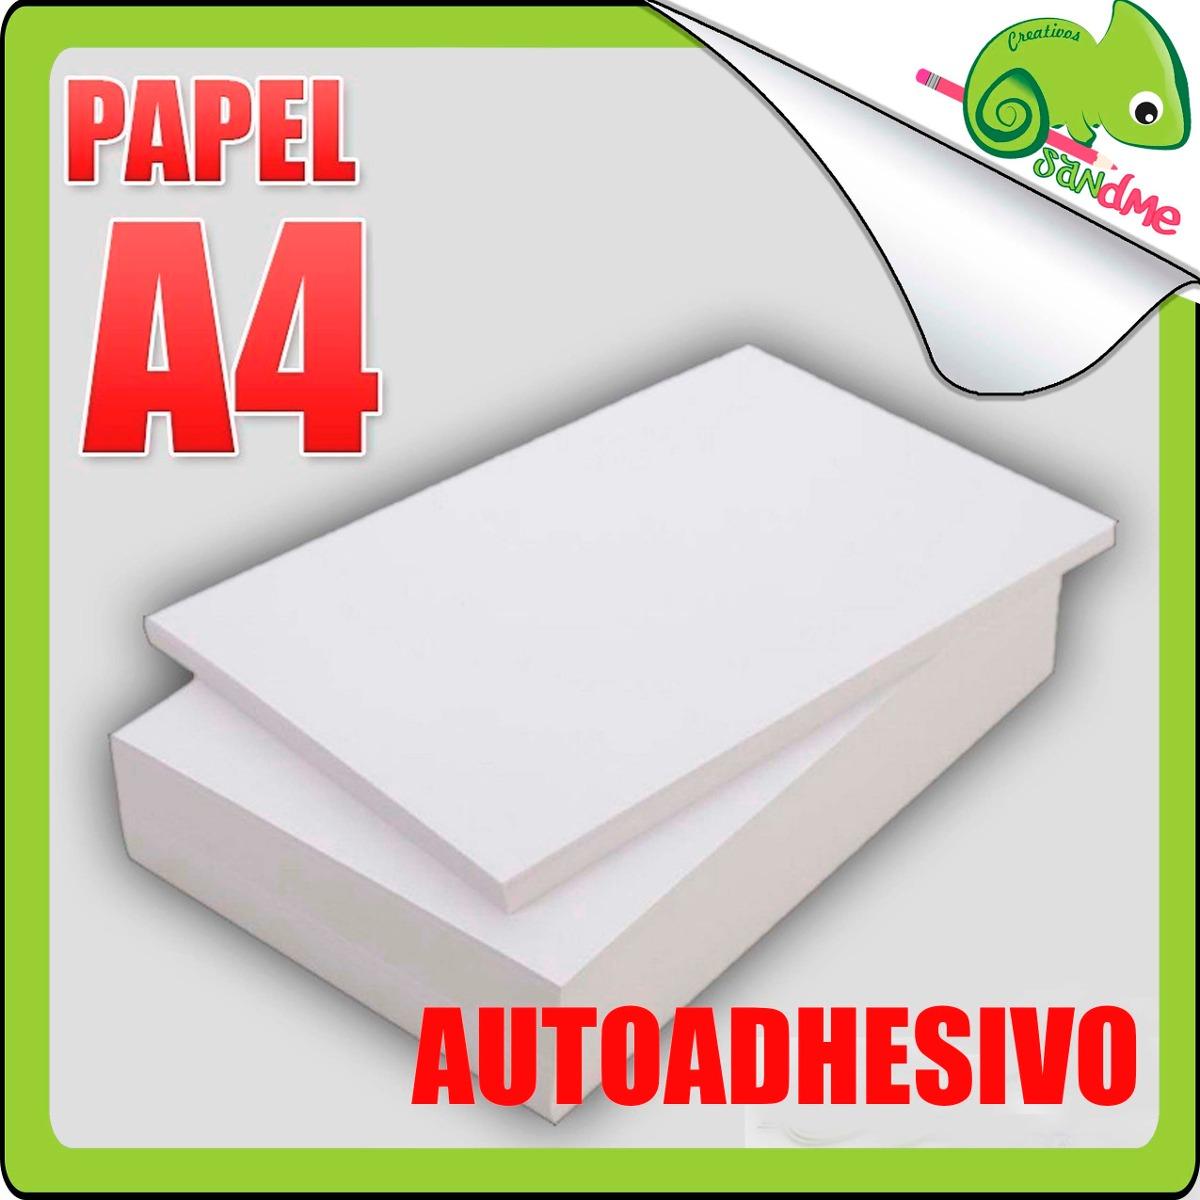 Ciento Papel Hoja Para Todas Impresoras Blanco A4 Adhesivo S 65